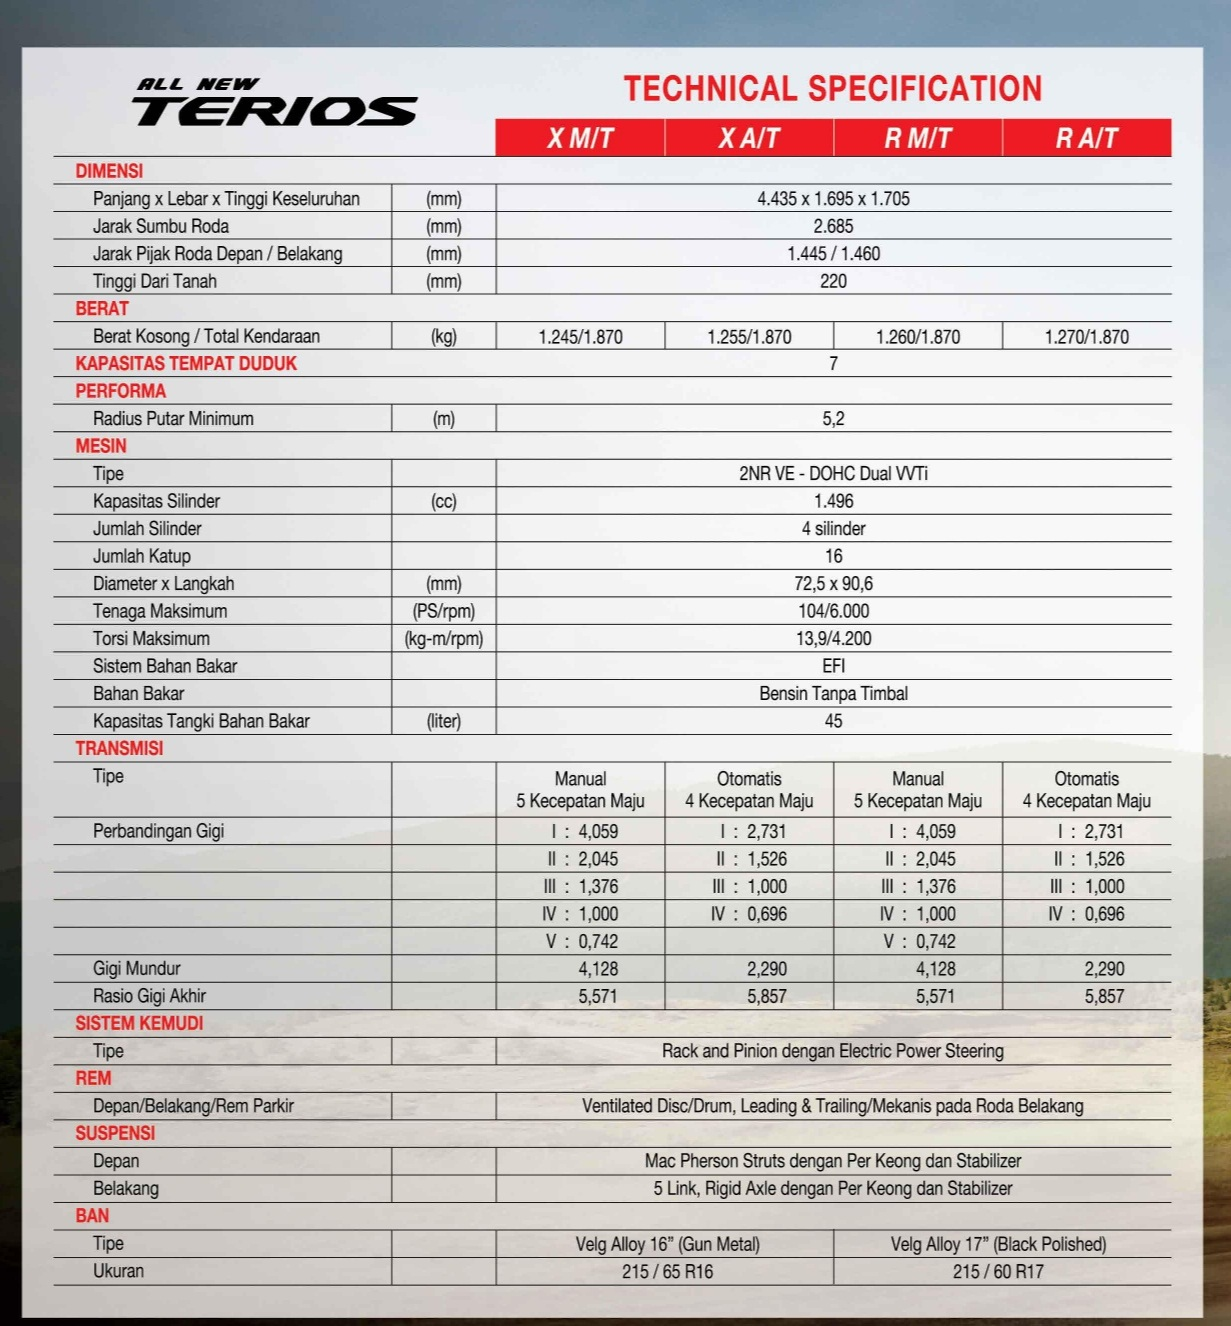 Spesifikasi Teknis All New Terios